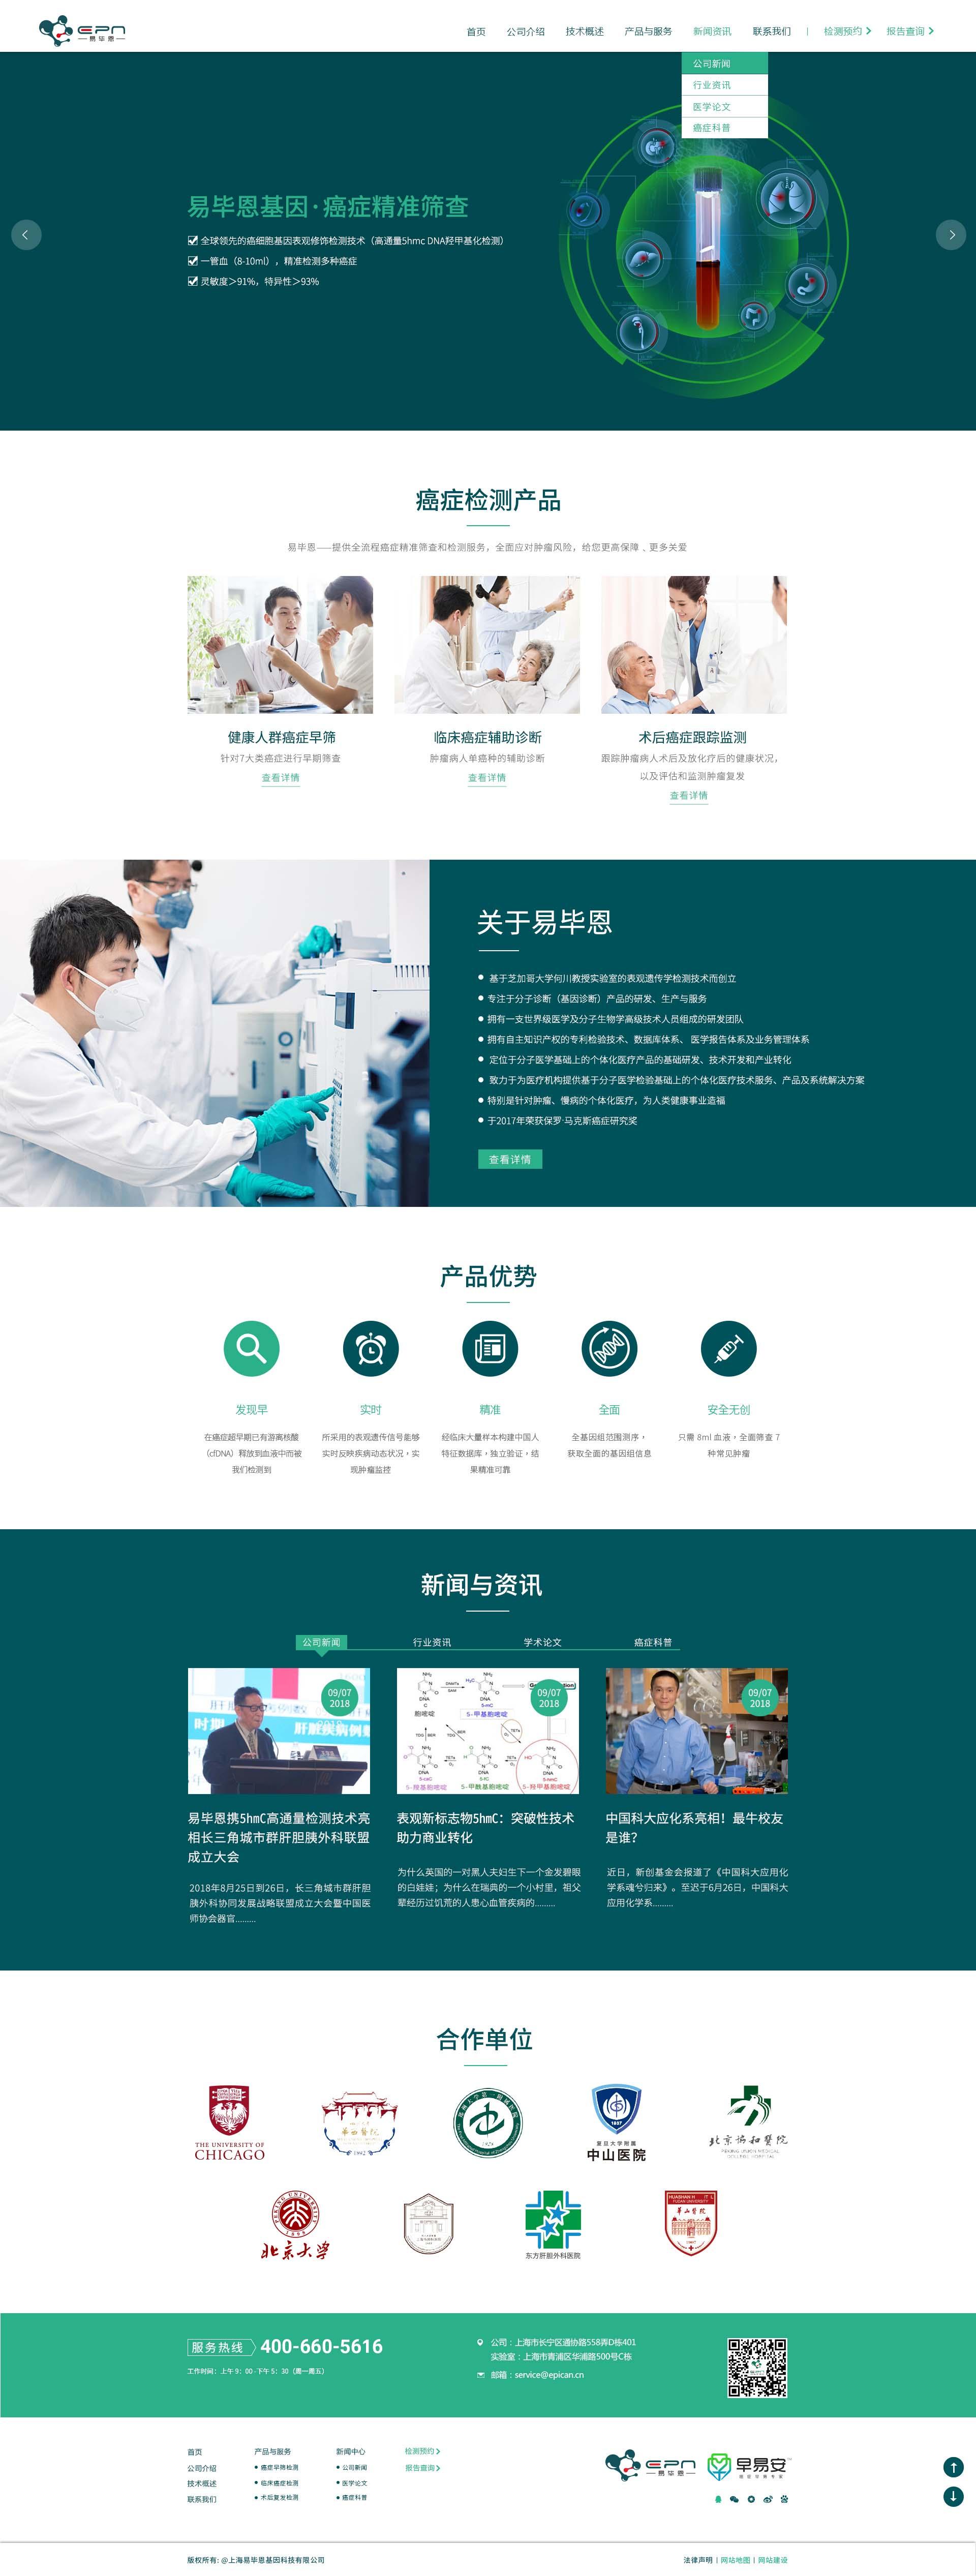 易毕恩基因公司网站万博手机APP万博网页版手机登录建设及SEO优化